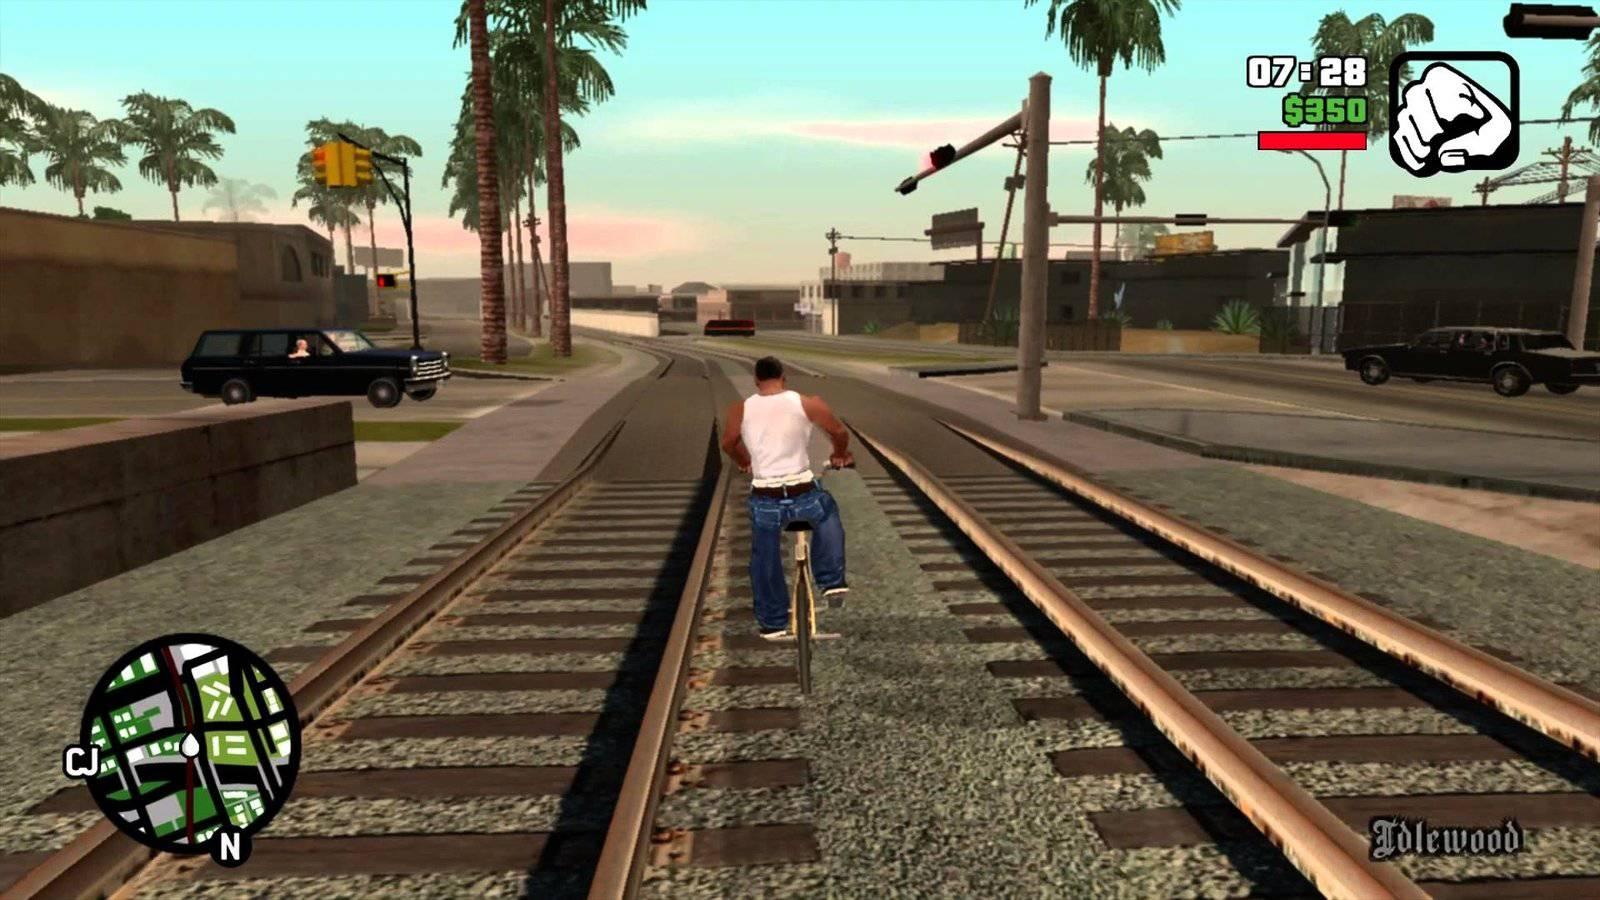 Darežljivi Rockstar poklanja kultnu igru GTA San Andreas